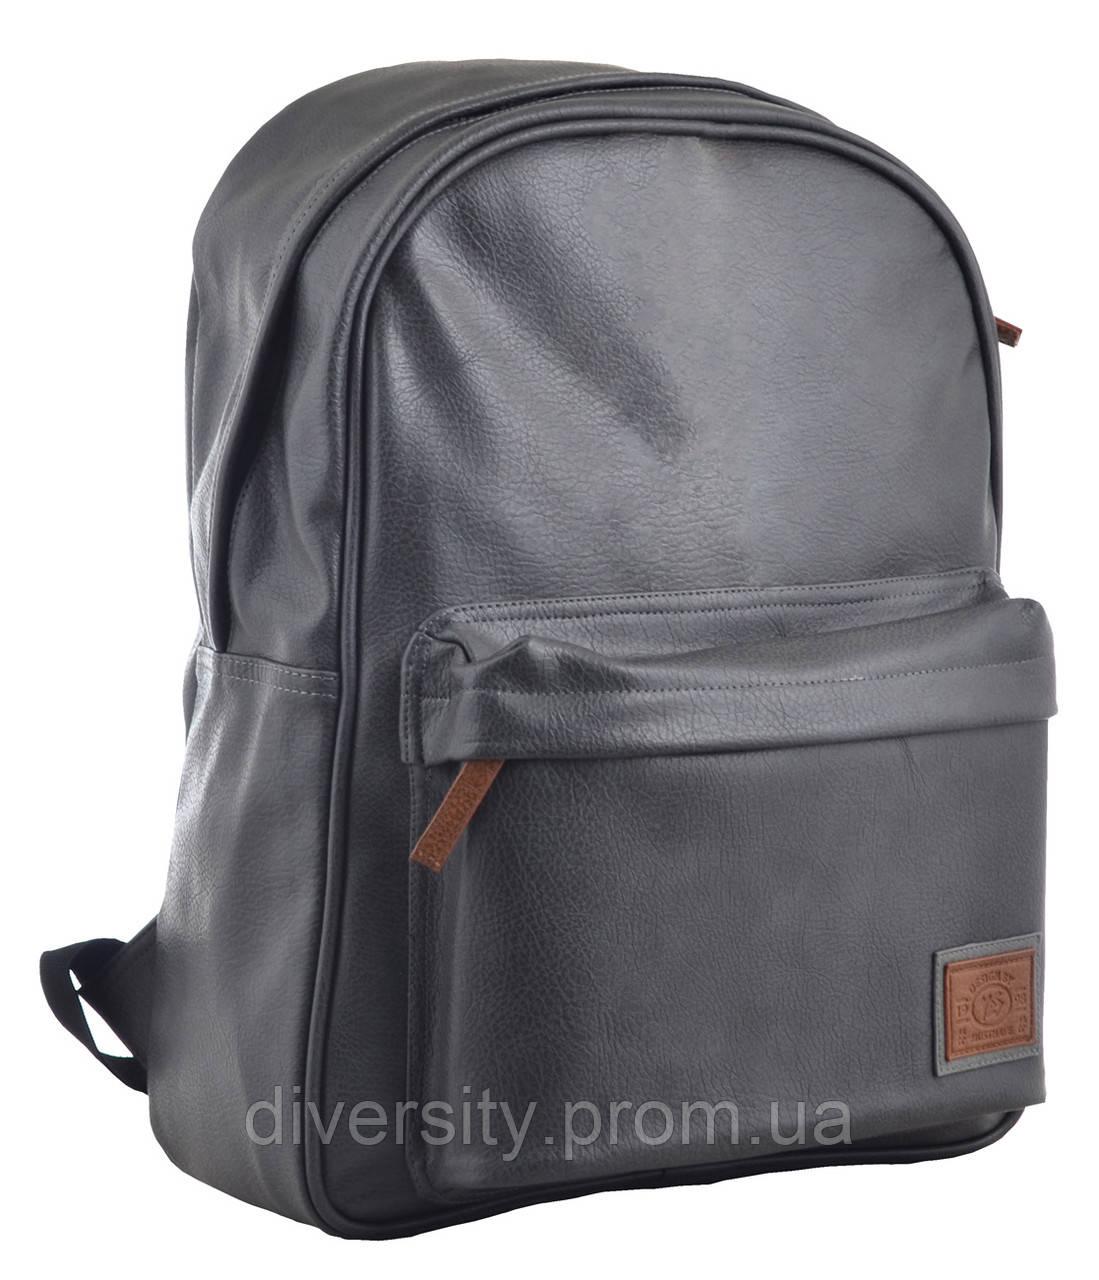 Молодежный рюкзак YES  ST-16 Infinity mist grey, 42*31*13